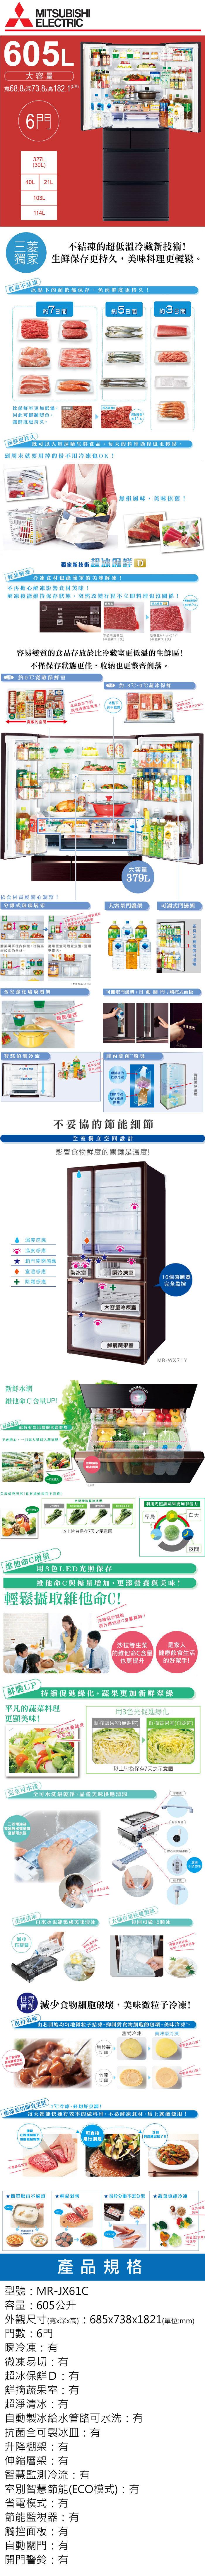 Mitsubishi 三菱 MR-JX61C-W-C 605L 冰箱 六門 變頻 日本原裝